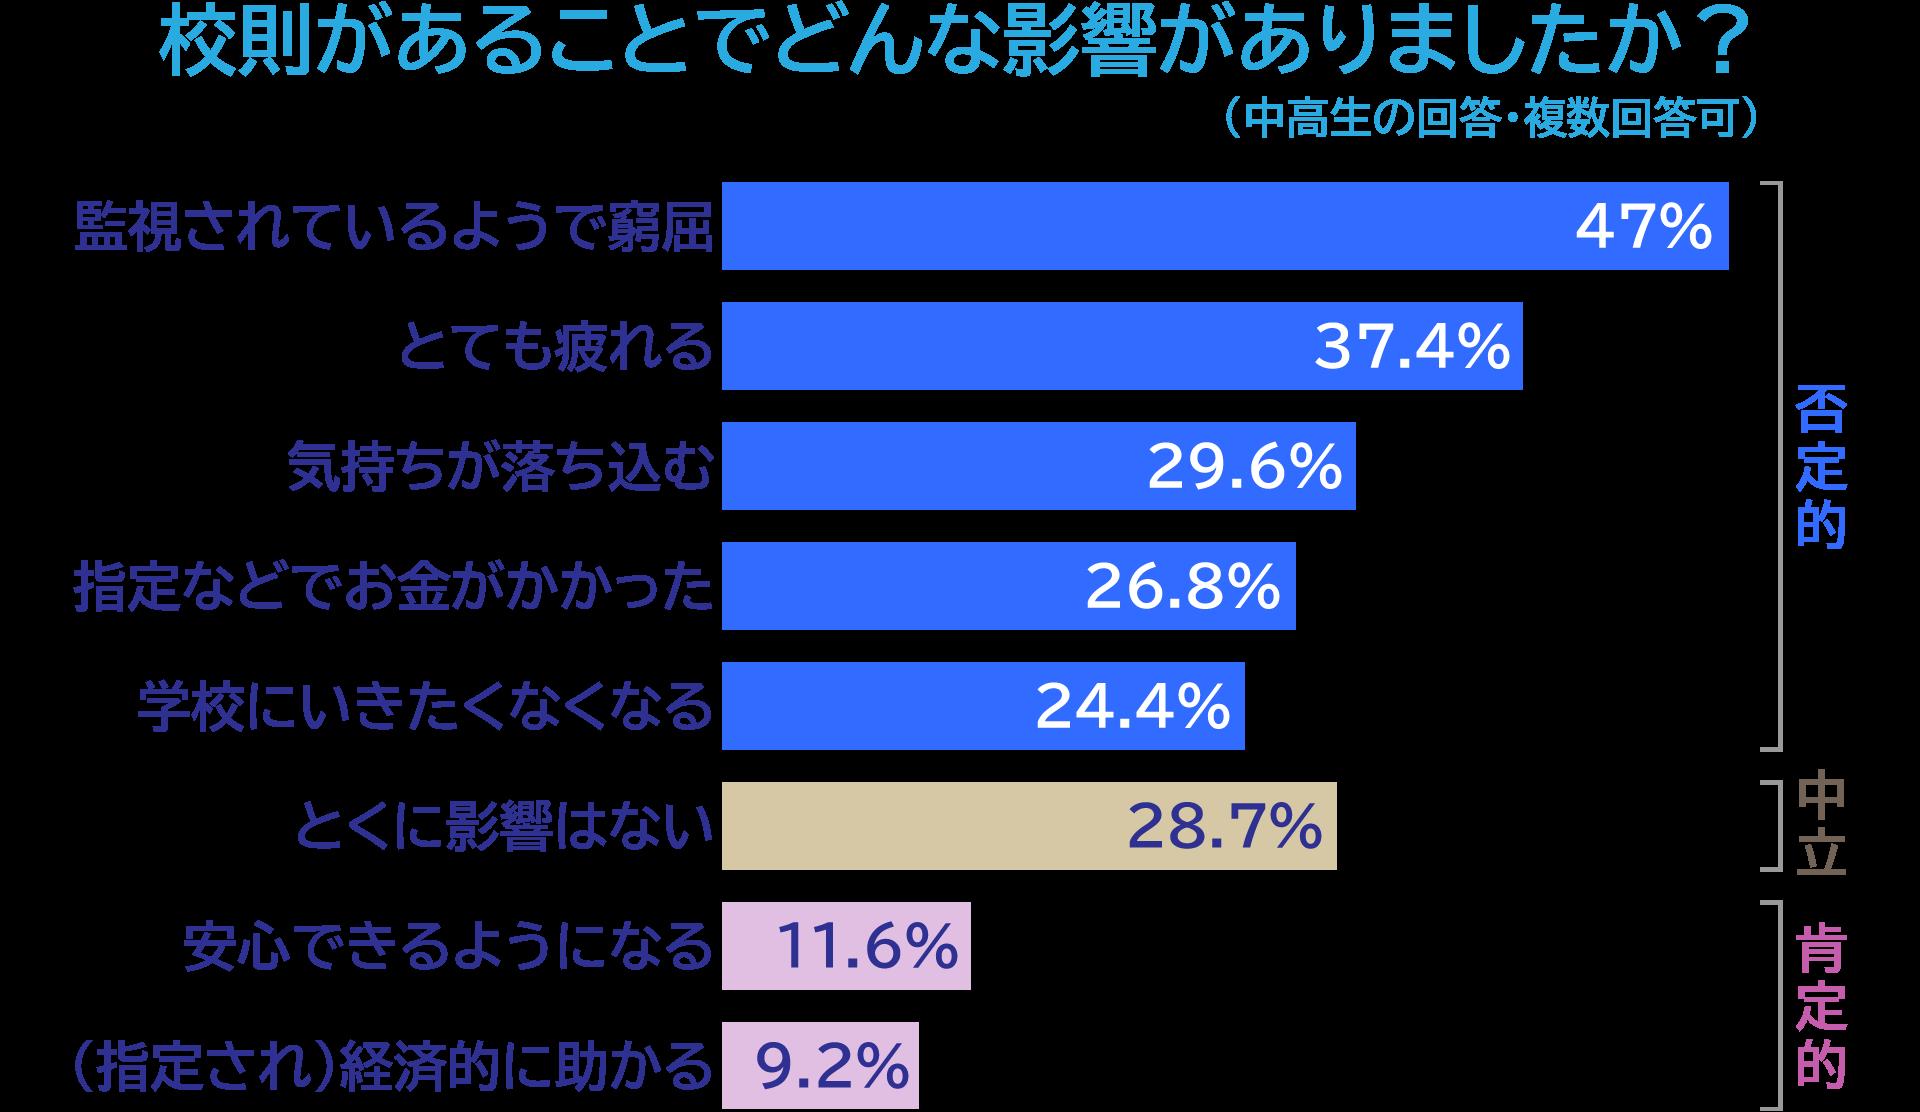 校則があることでどんな影響がありましたか?(否定的)監視されているようで窮屈47%、とても疲れる37.4%、気持ちが落ち込む29.6%、頭髪・服装・持ち物の指定などでお金がかかった26.8%、学校にいきたくなくなる24.4%、(中立)とくに影響はない28.7%、(肯定的)安心できるようになる11.6%、流行などに合わせなくていいので経済的に助かる9.2%